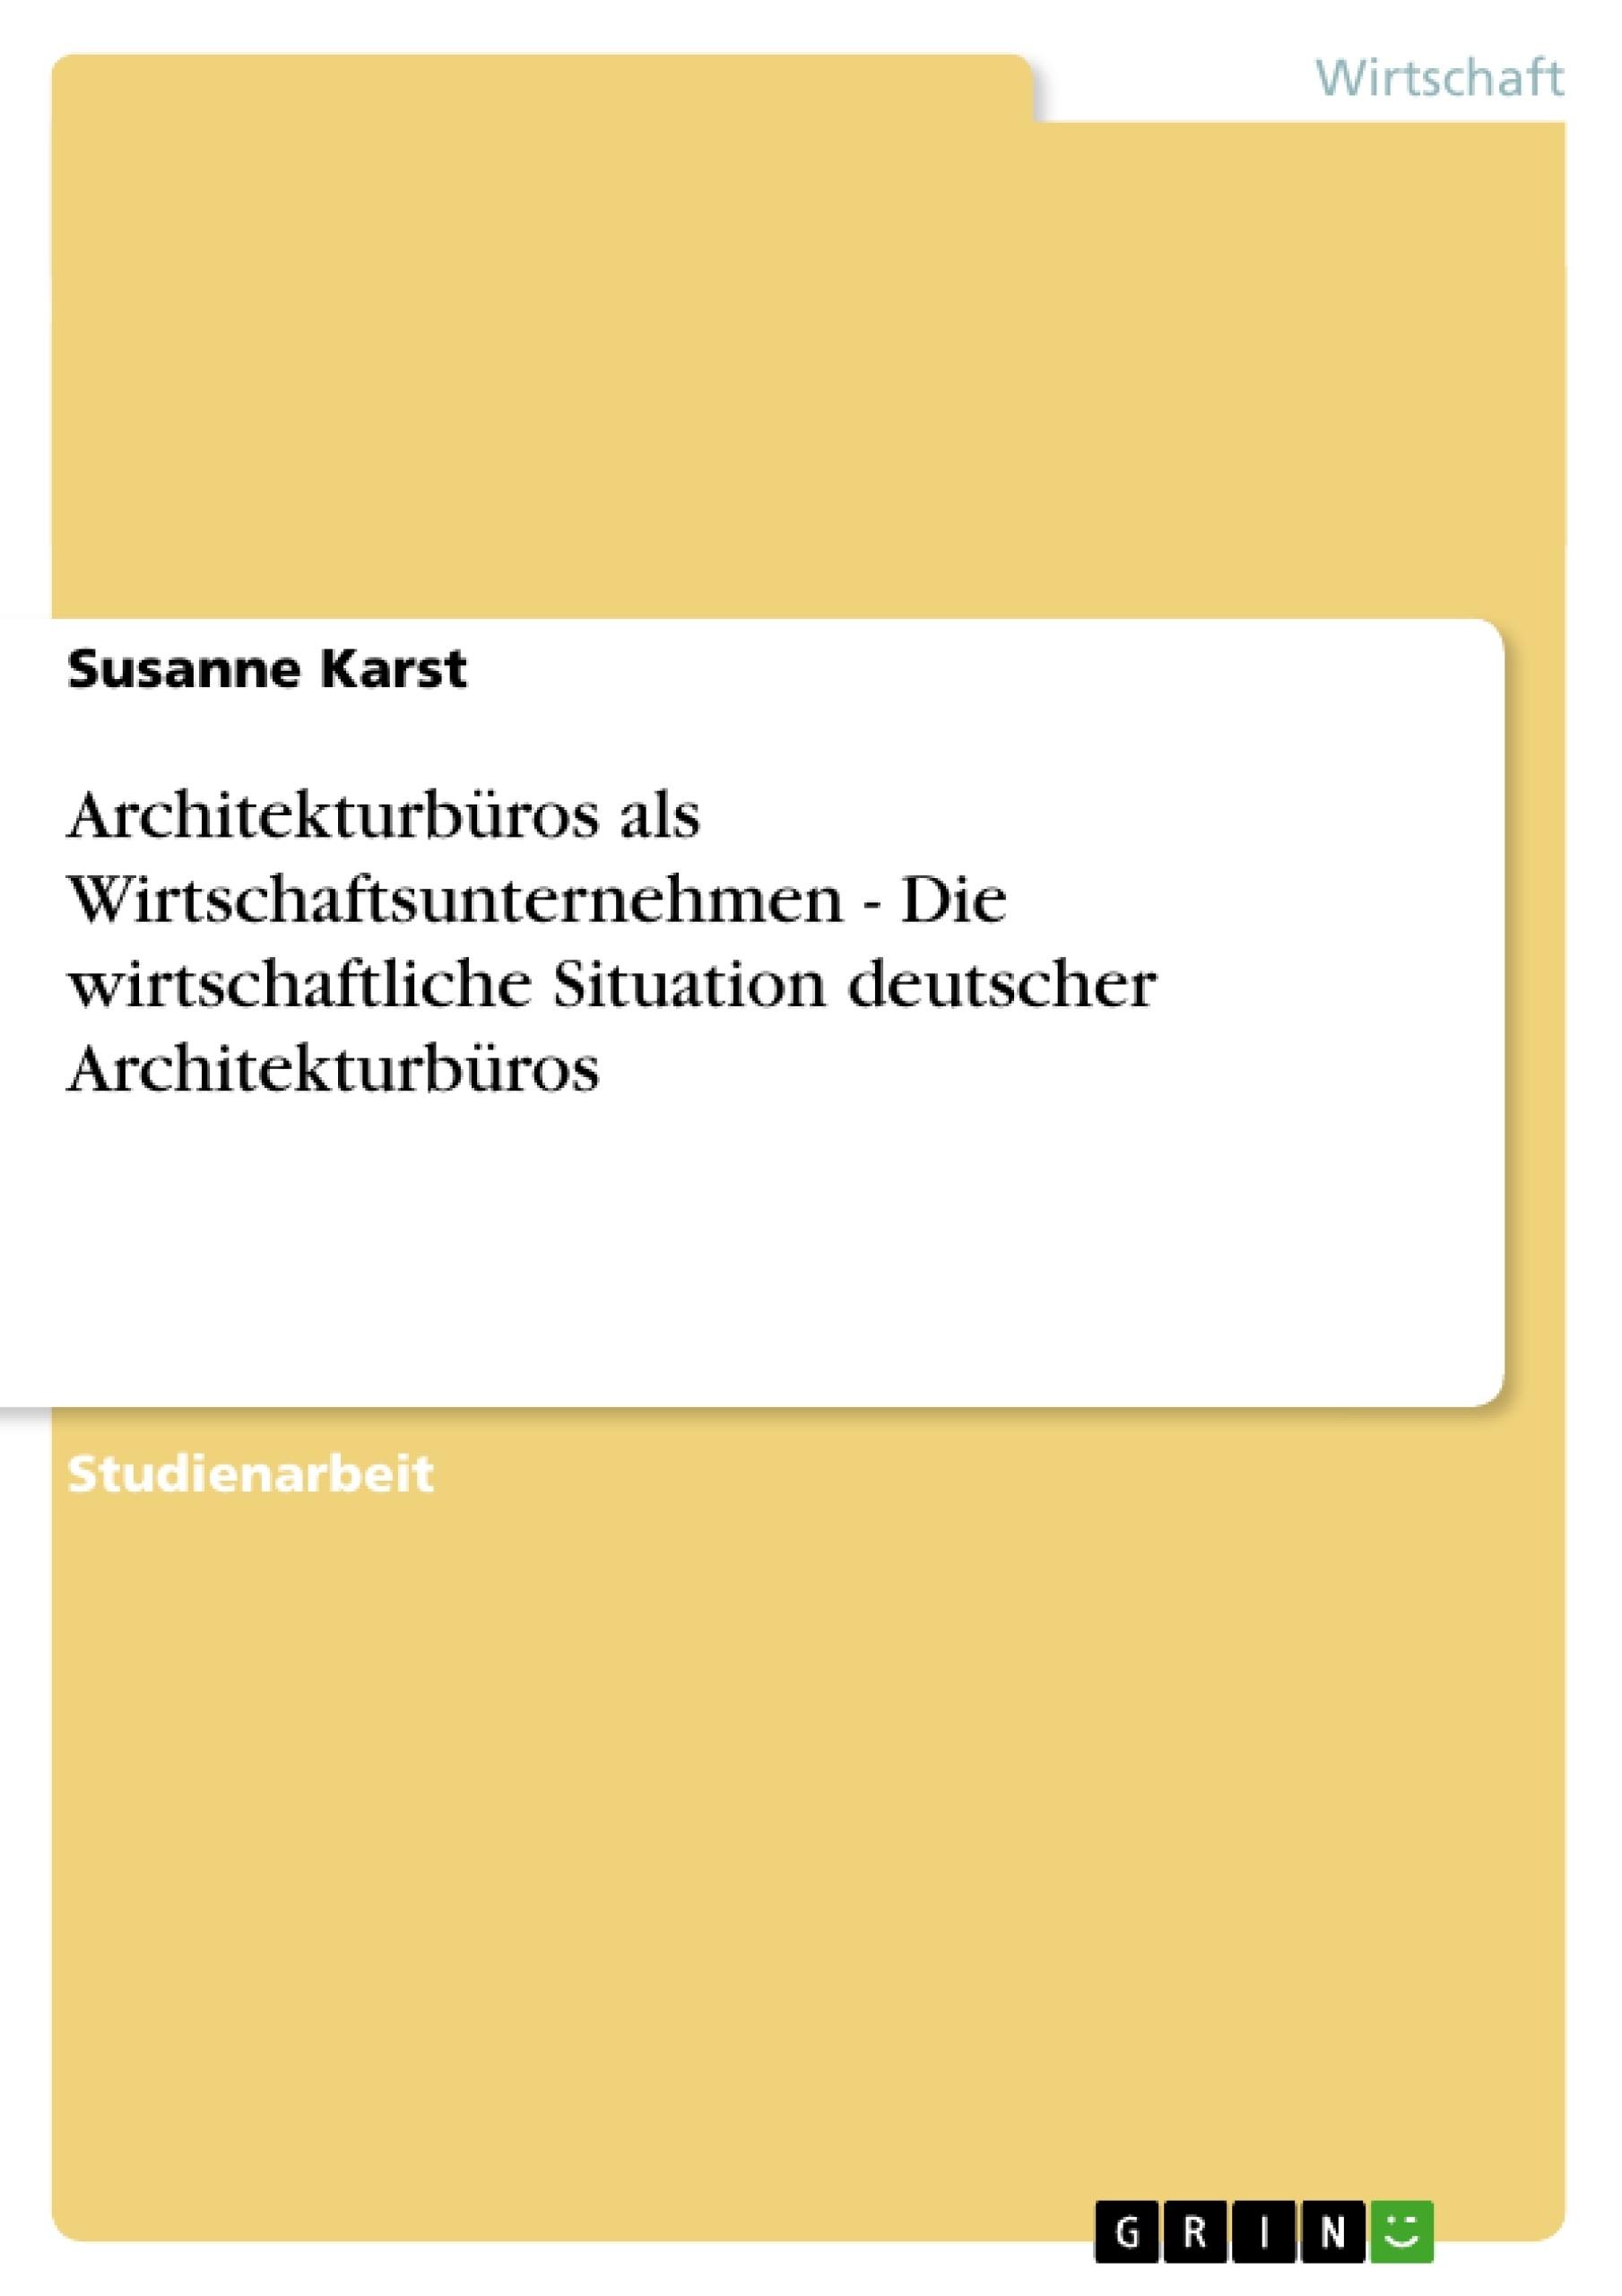 Titel: Architekturbüros als Wirtschaftsunternehmen - Die wirtschaftliche Situation deutscher Architekturbüros